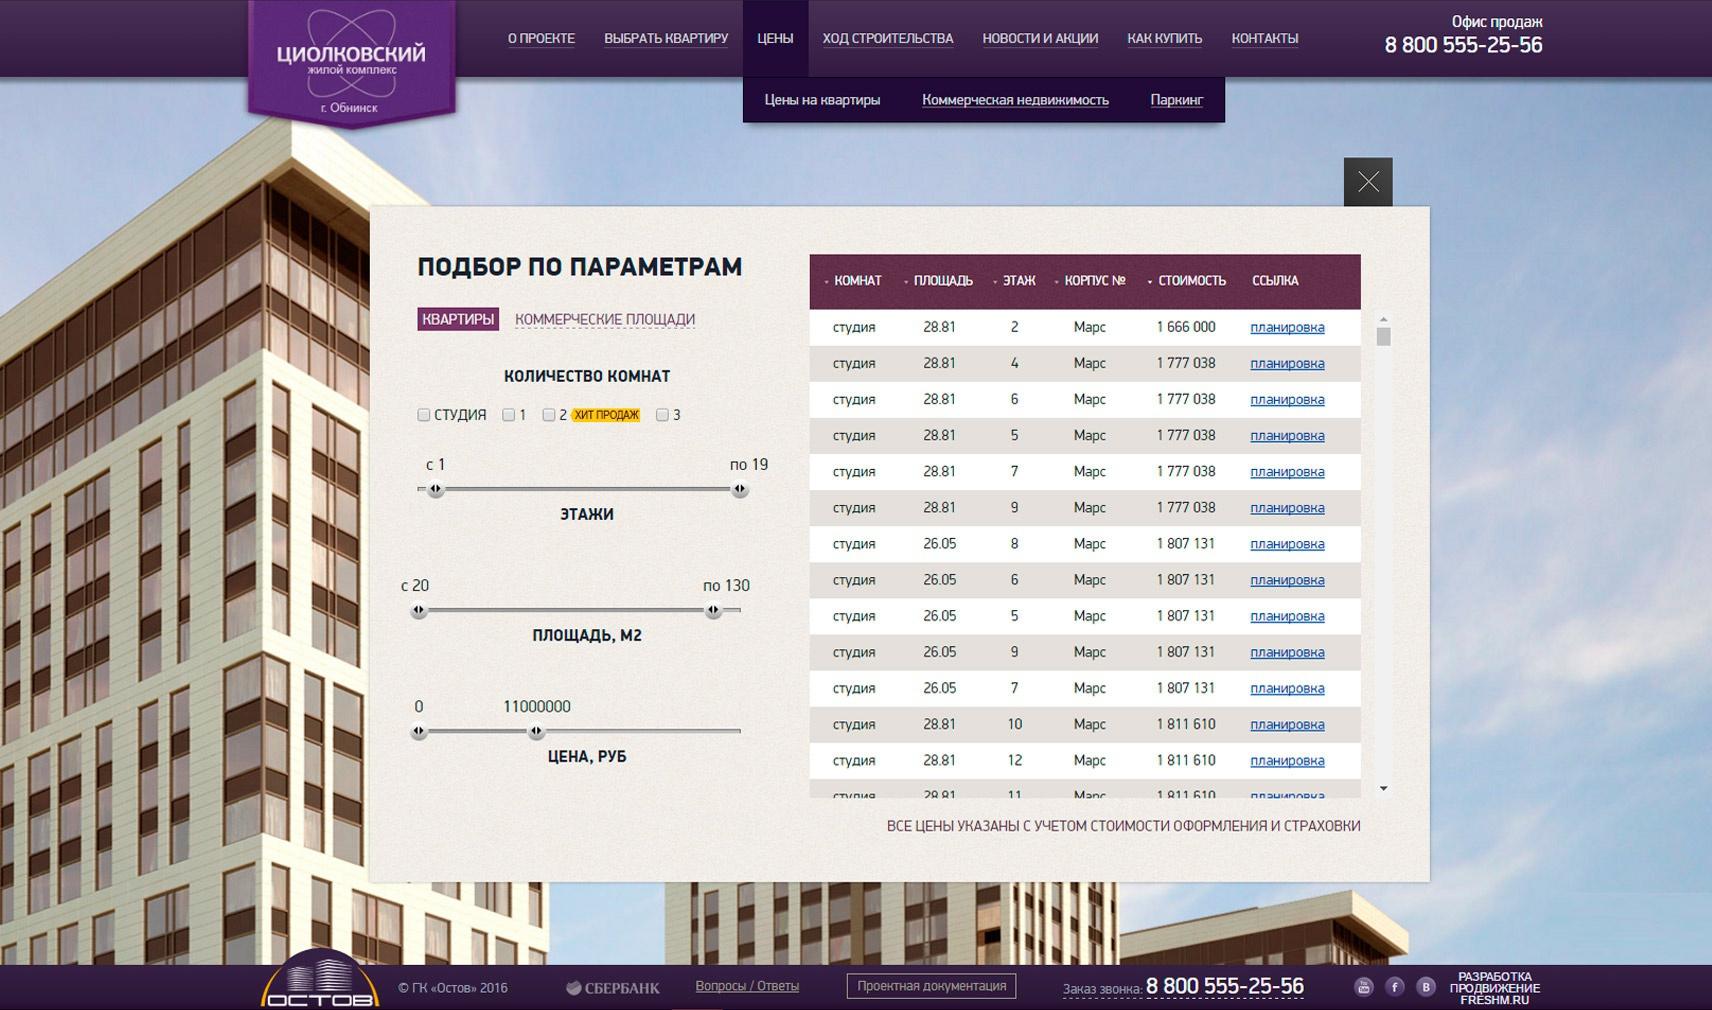 Контекстная реклама в обнинске